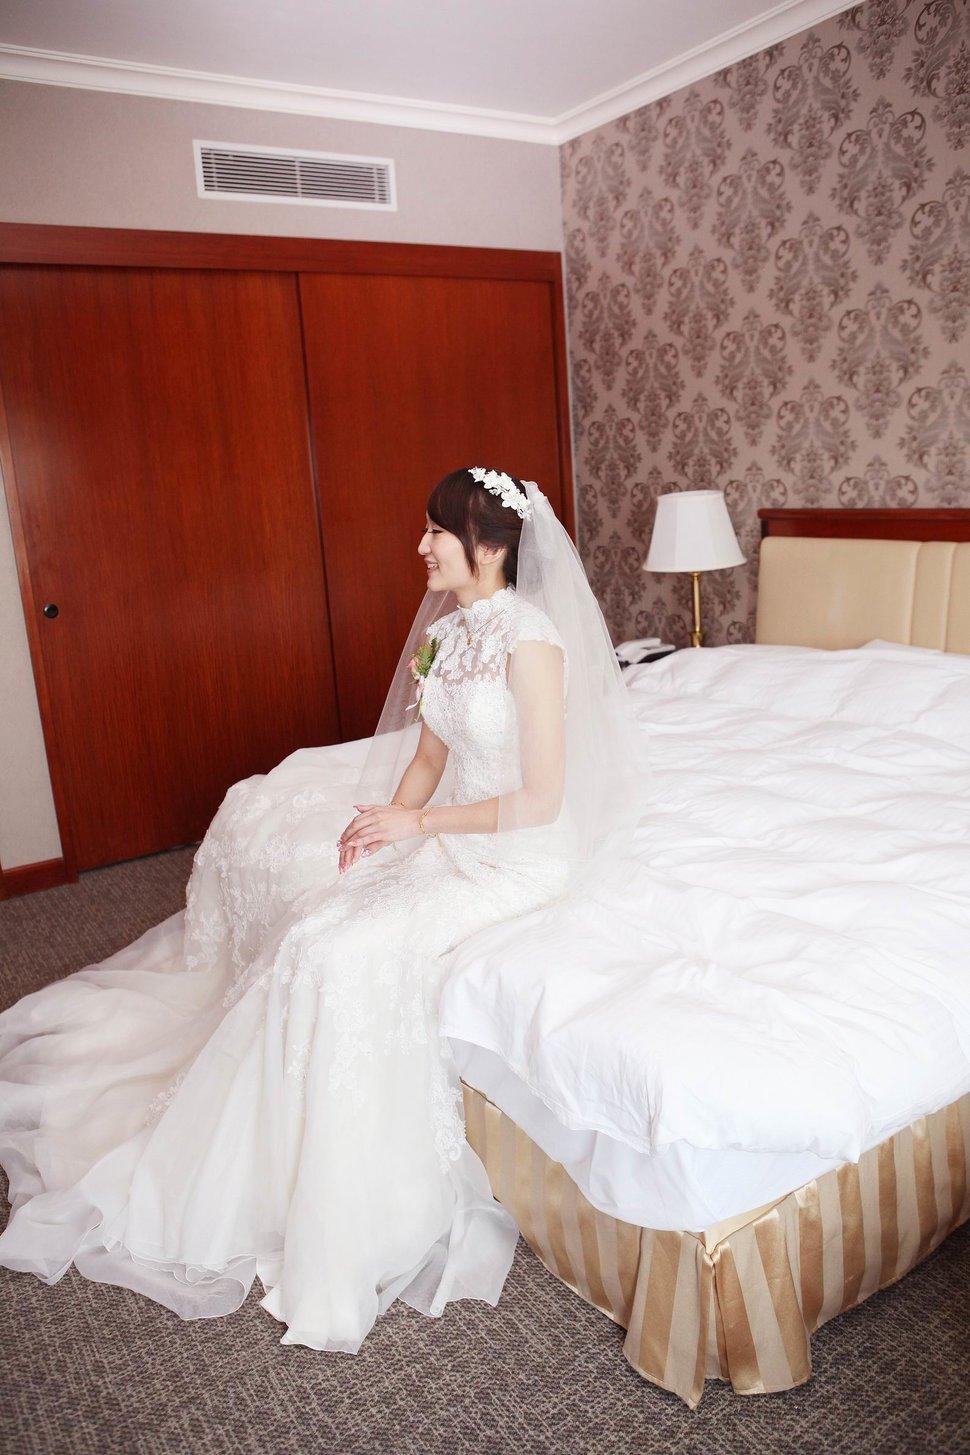 長榮桂冠酒店彭園會館婚禮記錄專業錄影平面攝影(編號:194964) - 蜜月拍照10800錄影12800攝影團隊 - 結婚吧